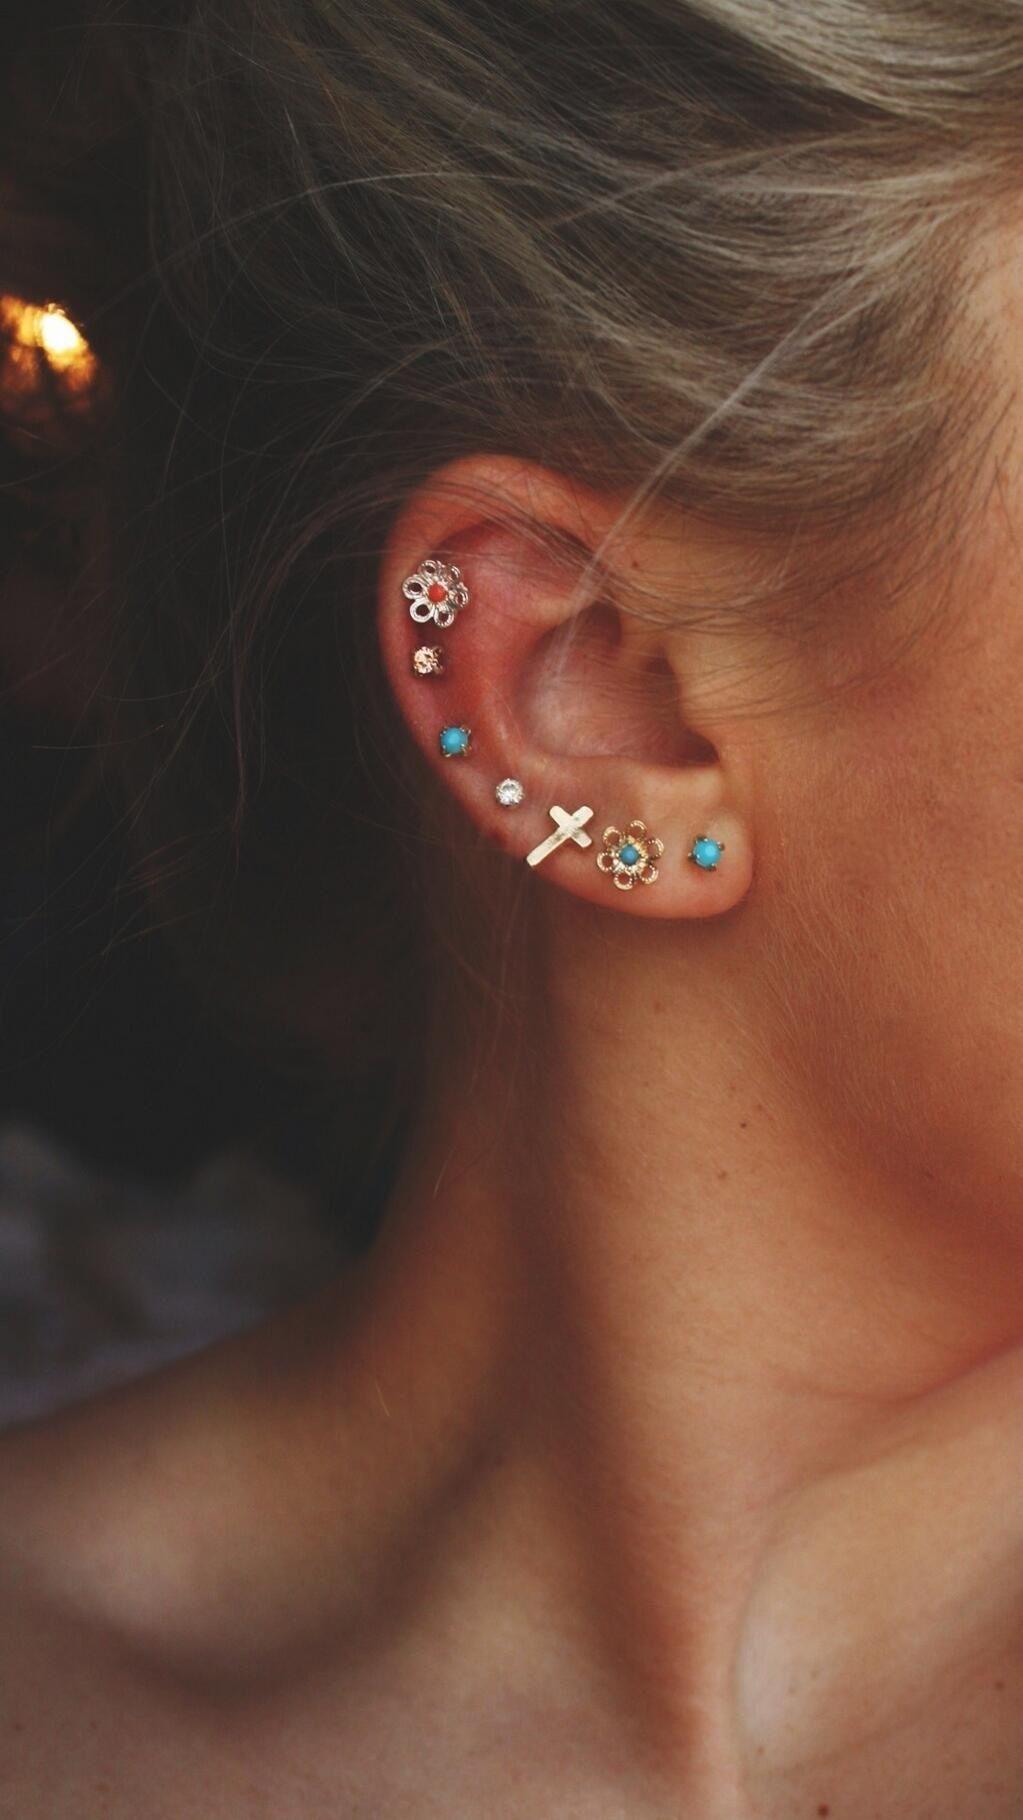 Piercing arten ohr  Die besten  Bilder zu Piercing auf Pinterest  Ohrringe Ohren und